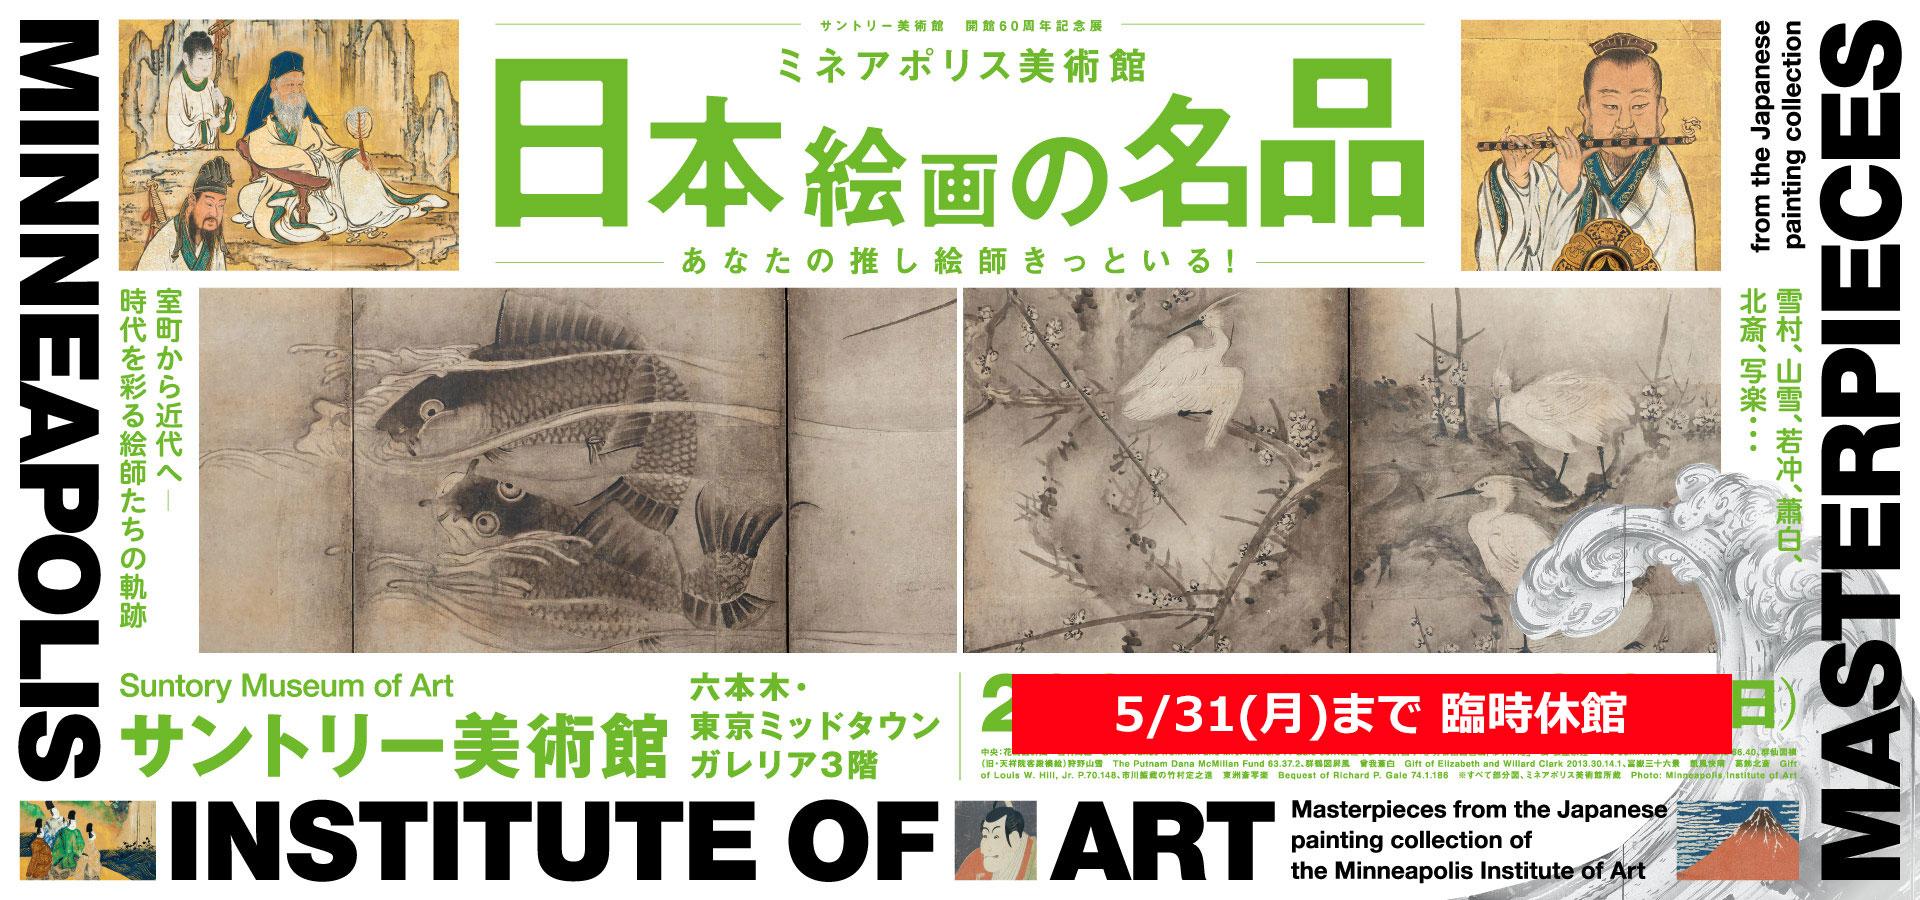 サントリー美術館 開館60周年記念展 ミネアポリス美術館 日本絵画の名品